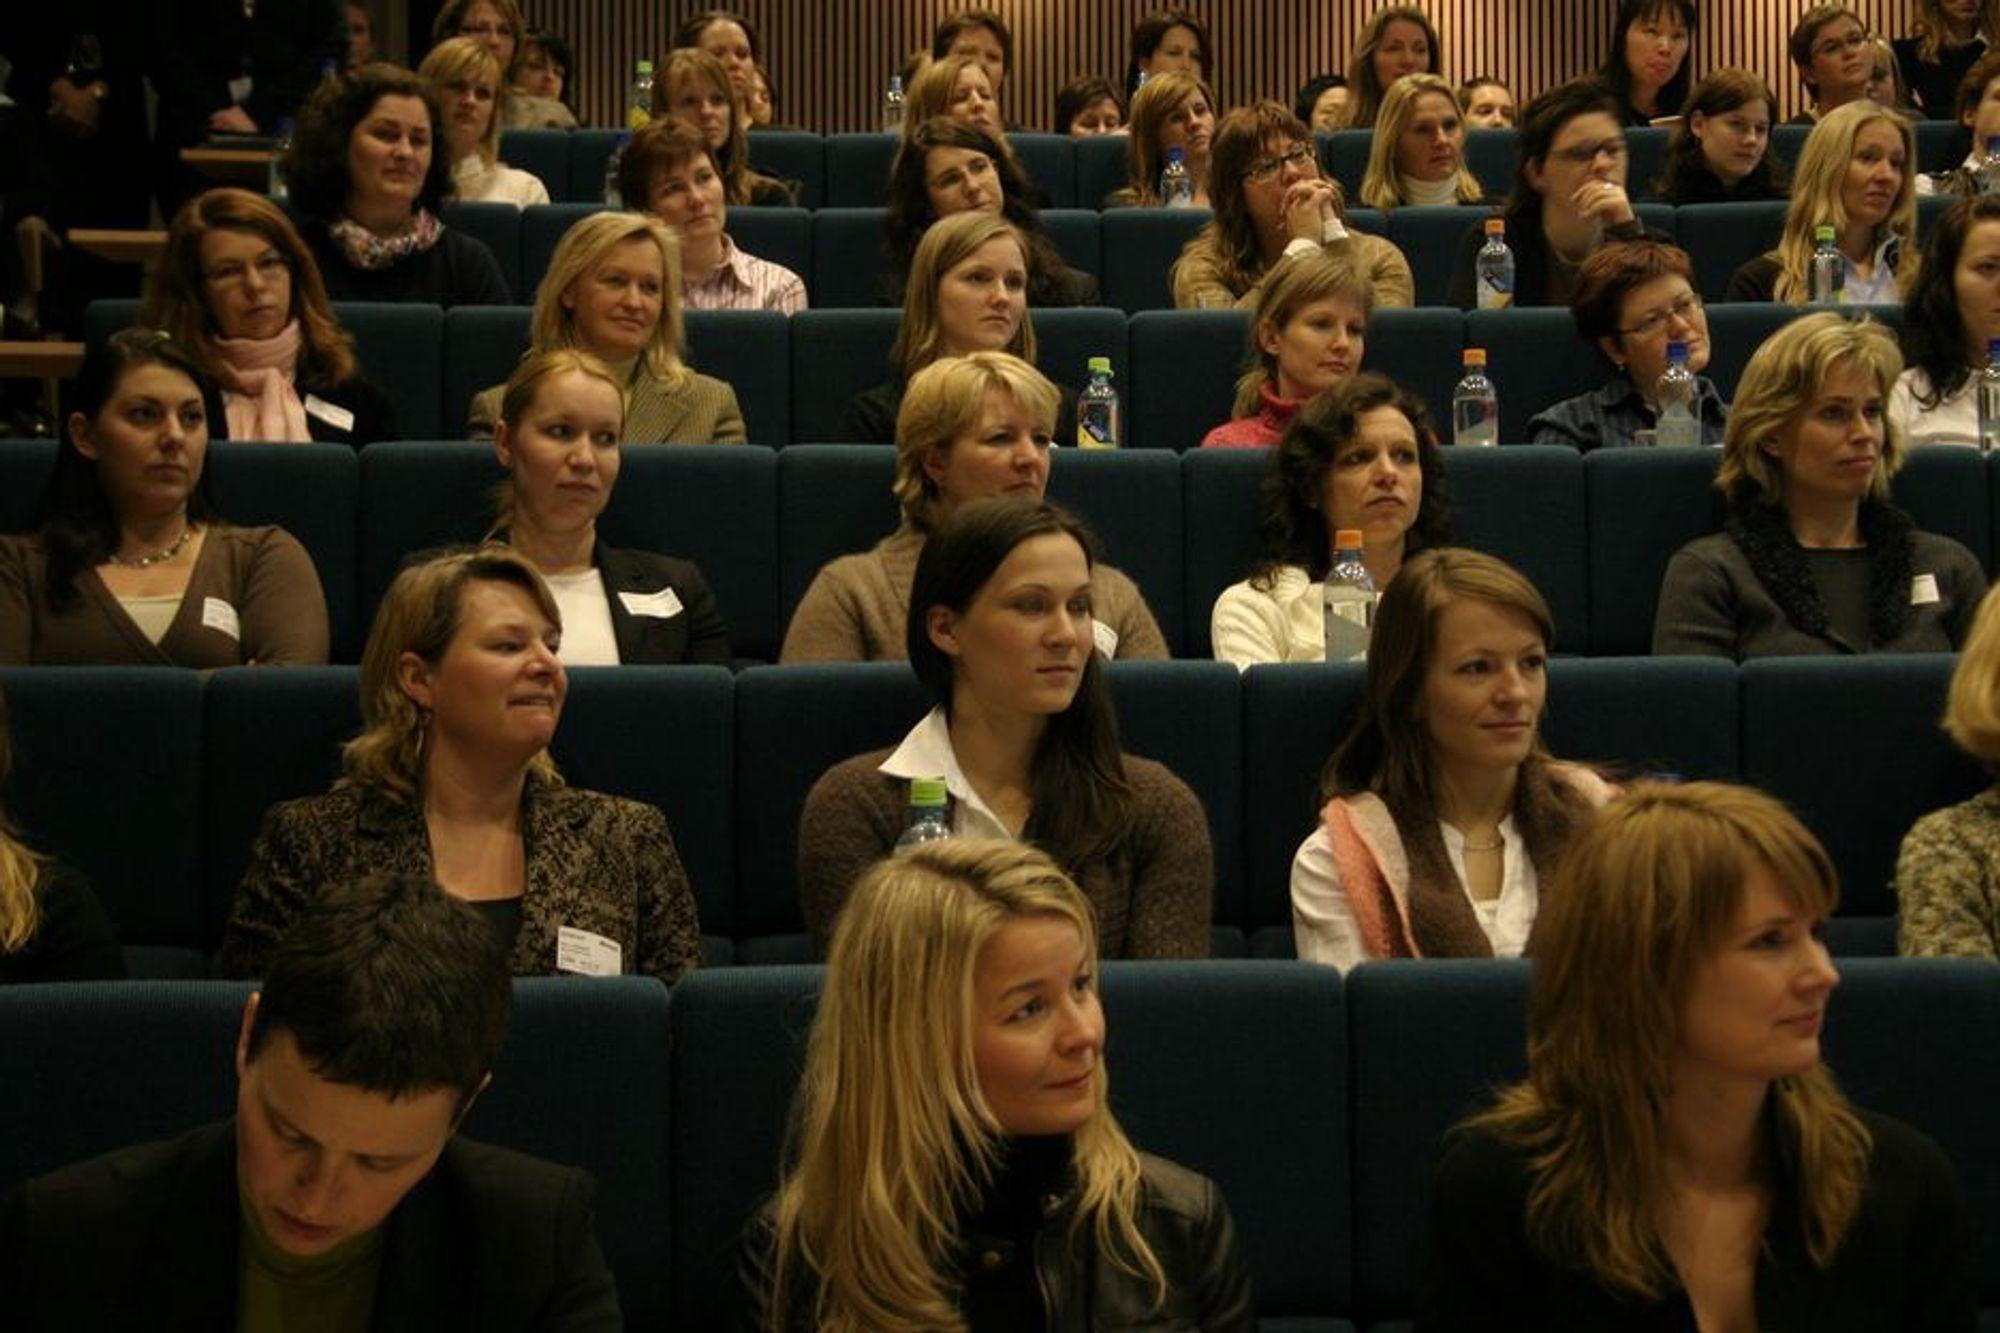 PÅ INSPIRASJONSMØTE: IT-jenter fra hele Norge møttes hos Microsoft for å skape eget kvinnenettverk i IT-bransjen.